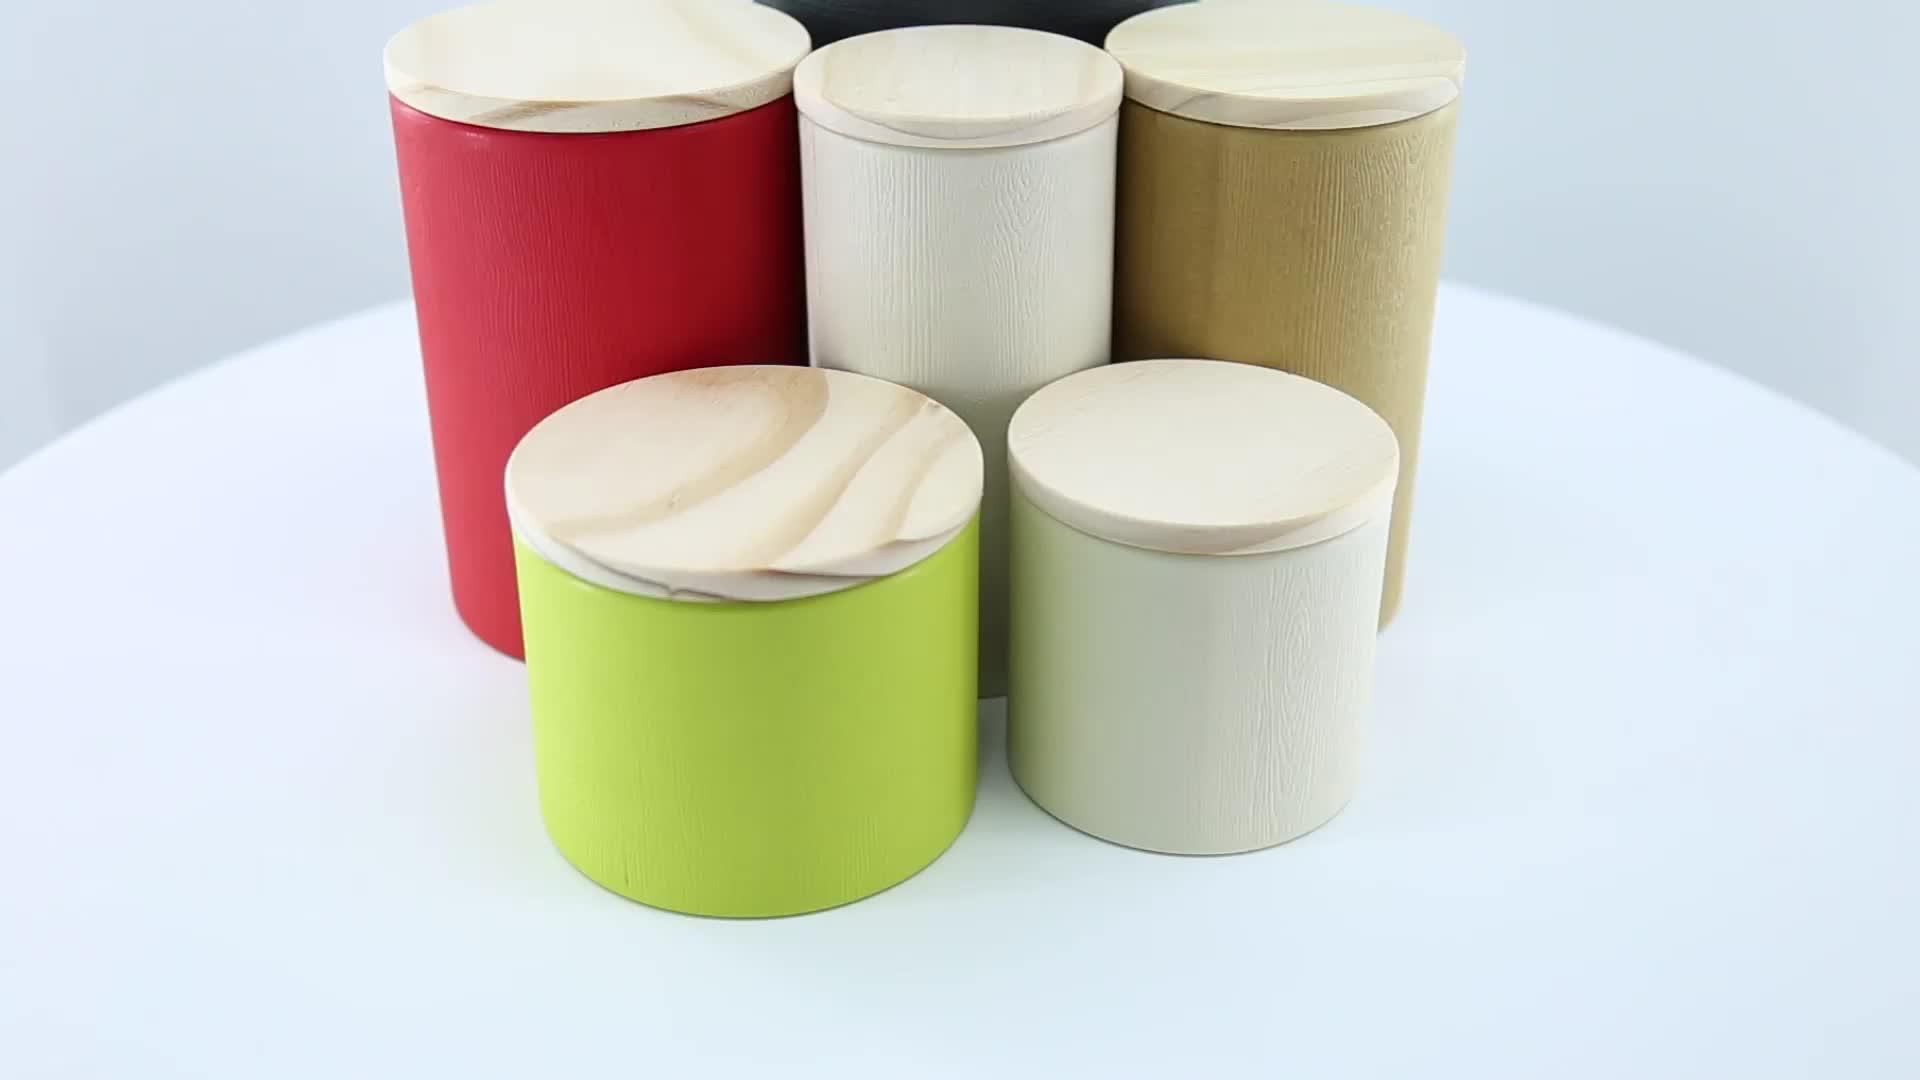 Tianhui Luftdicht Küche Zucker Kaffee Tee-Sets Papier Kanister